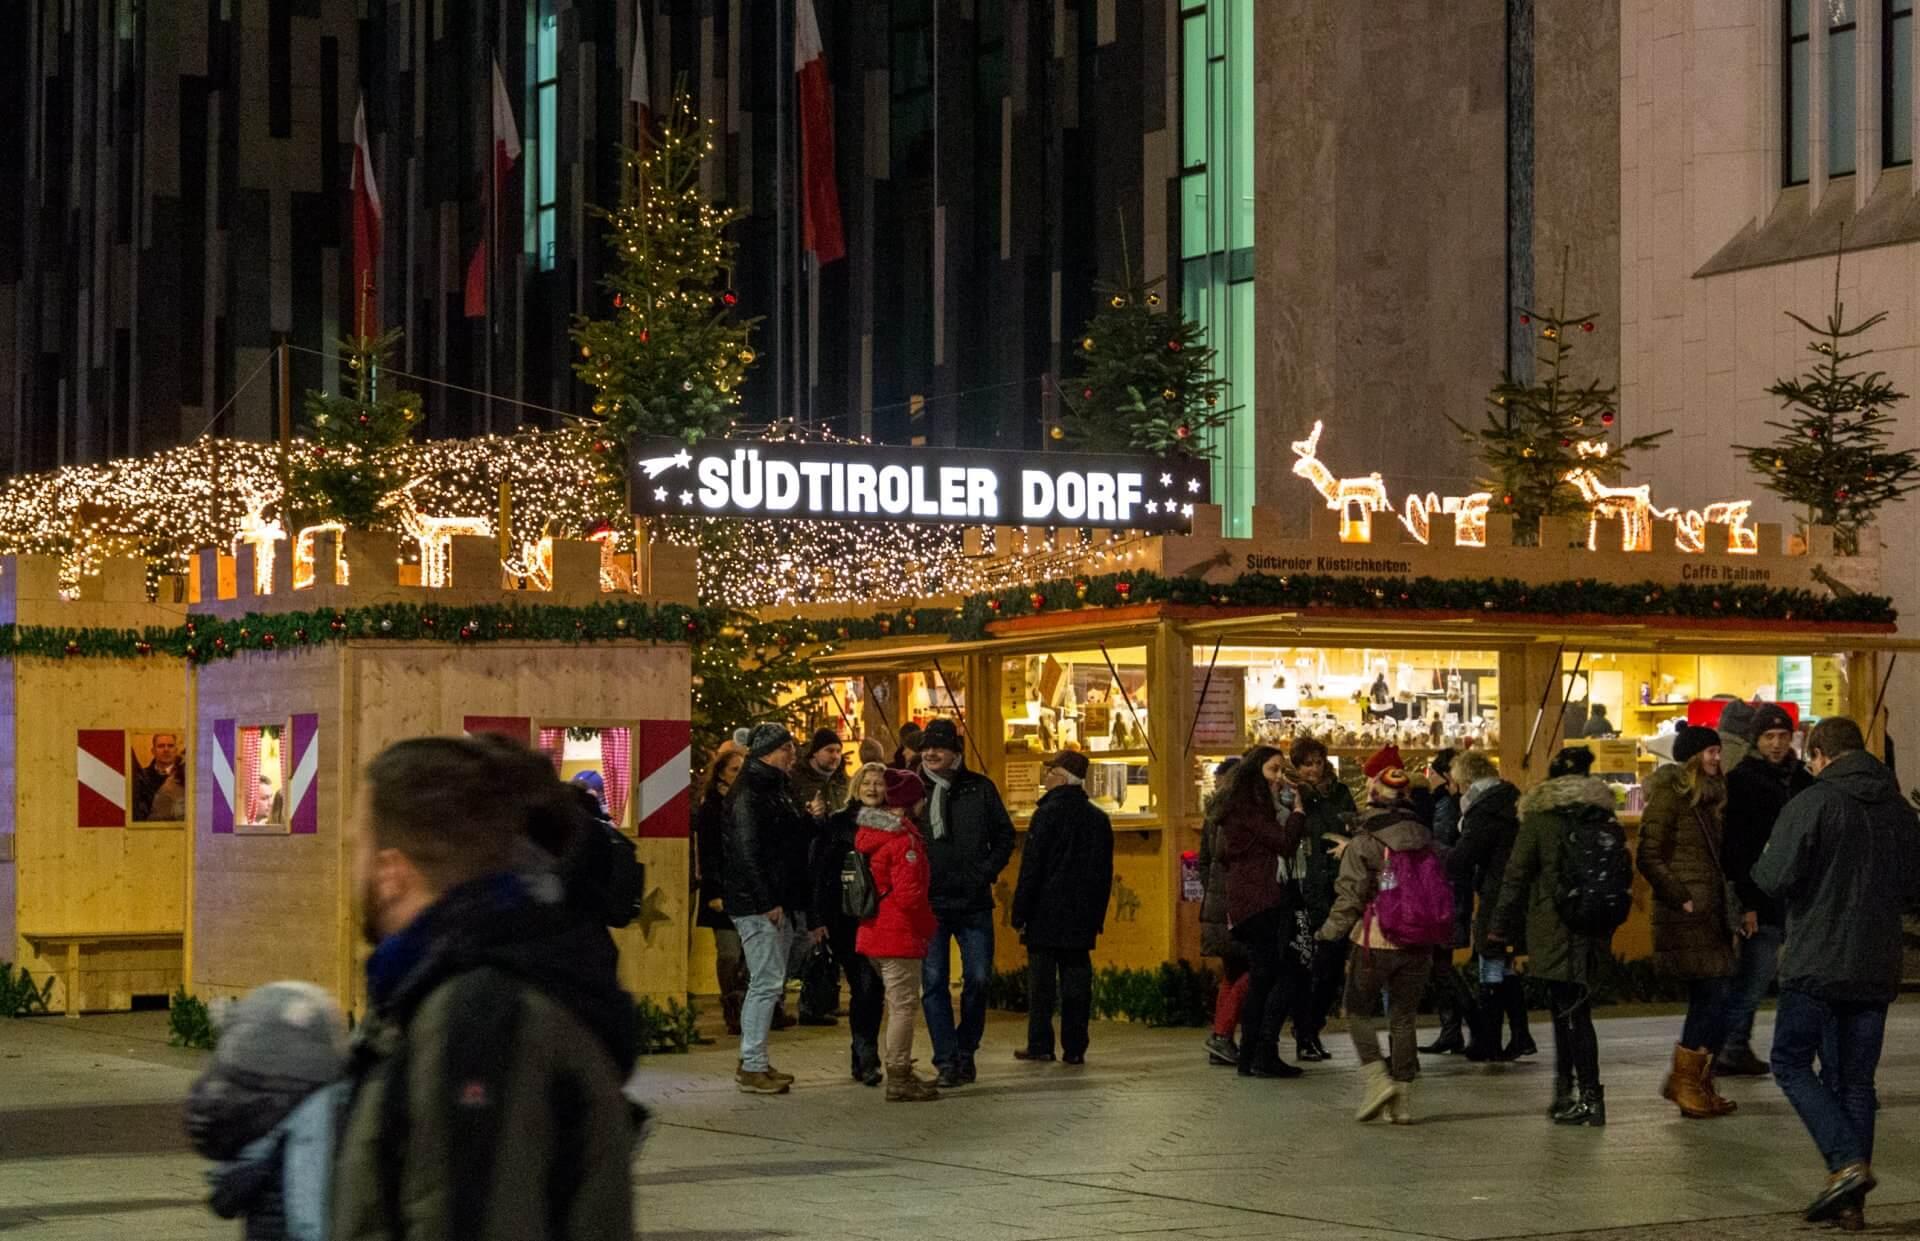 Südtiroler Dorf auf dem Weihnachtsmarkt Leipzig